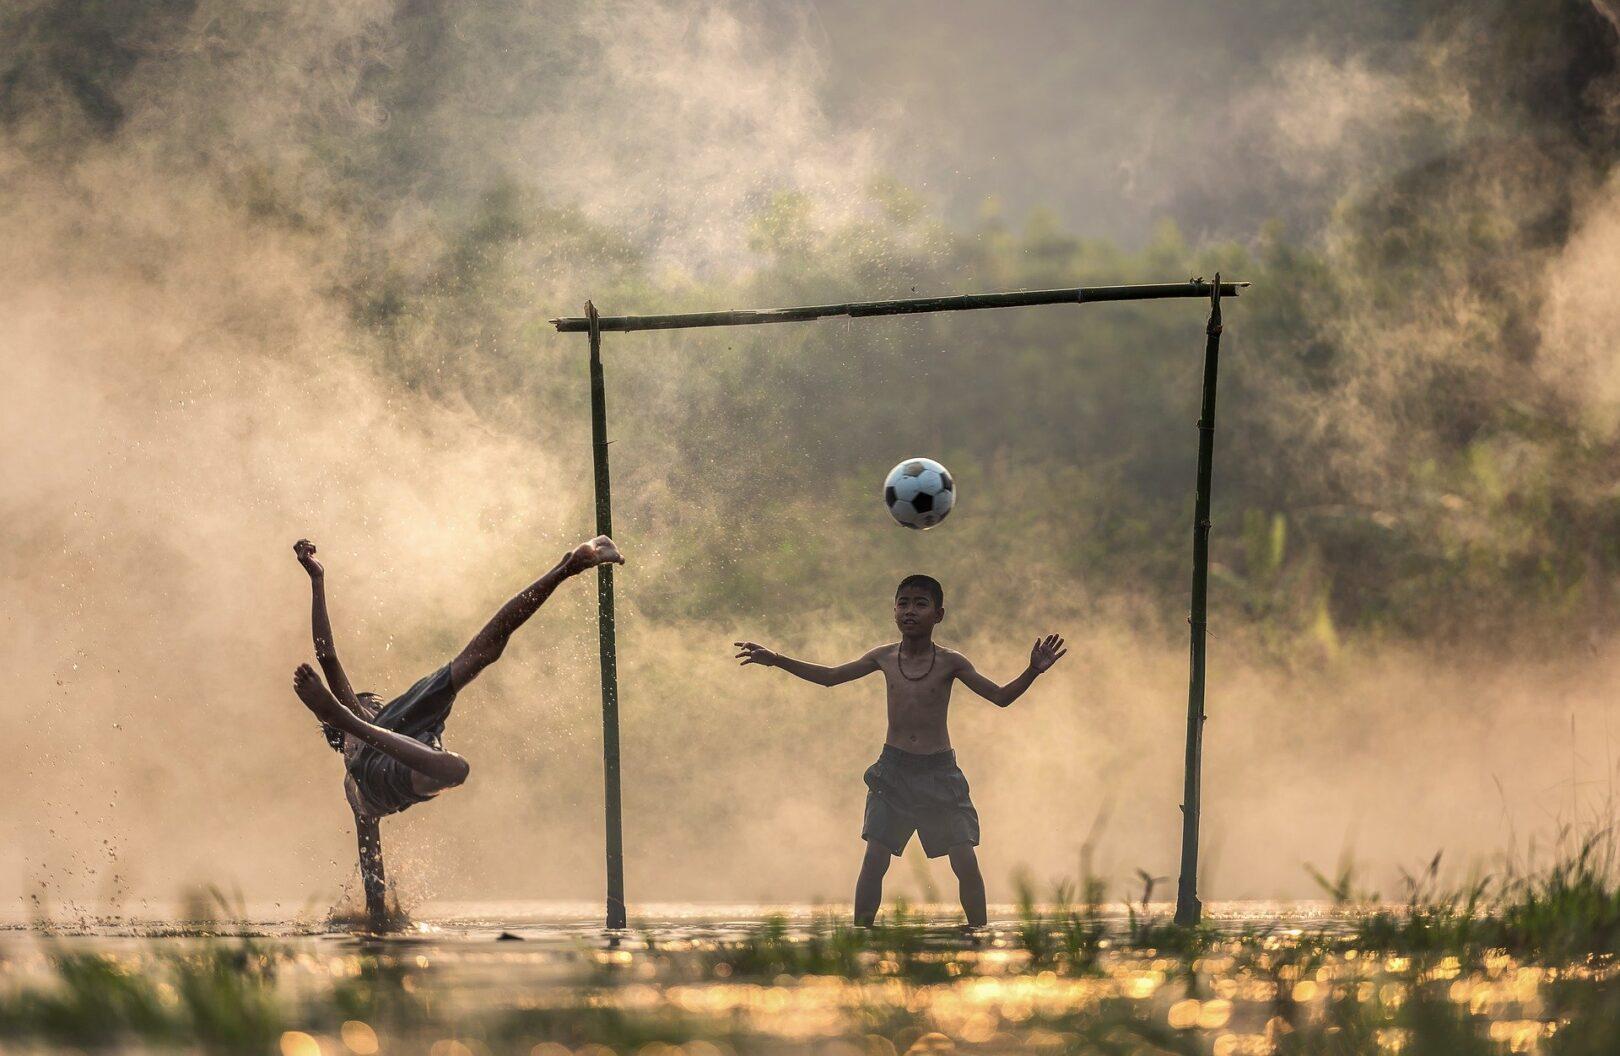 Najboljša rešitev, da nogomet, kjer se obrača največ denarja, preusmerimo na amatersko raven, pri čemer ne bo ničesar izgubil na kvaliteti, saj se preprosto slabše ne da igrati.